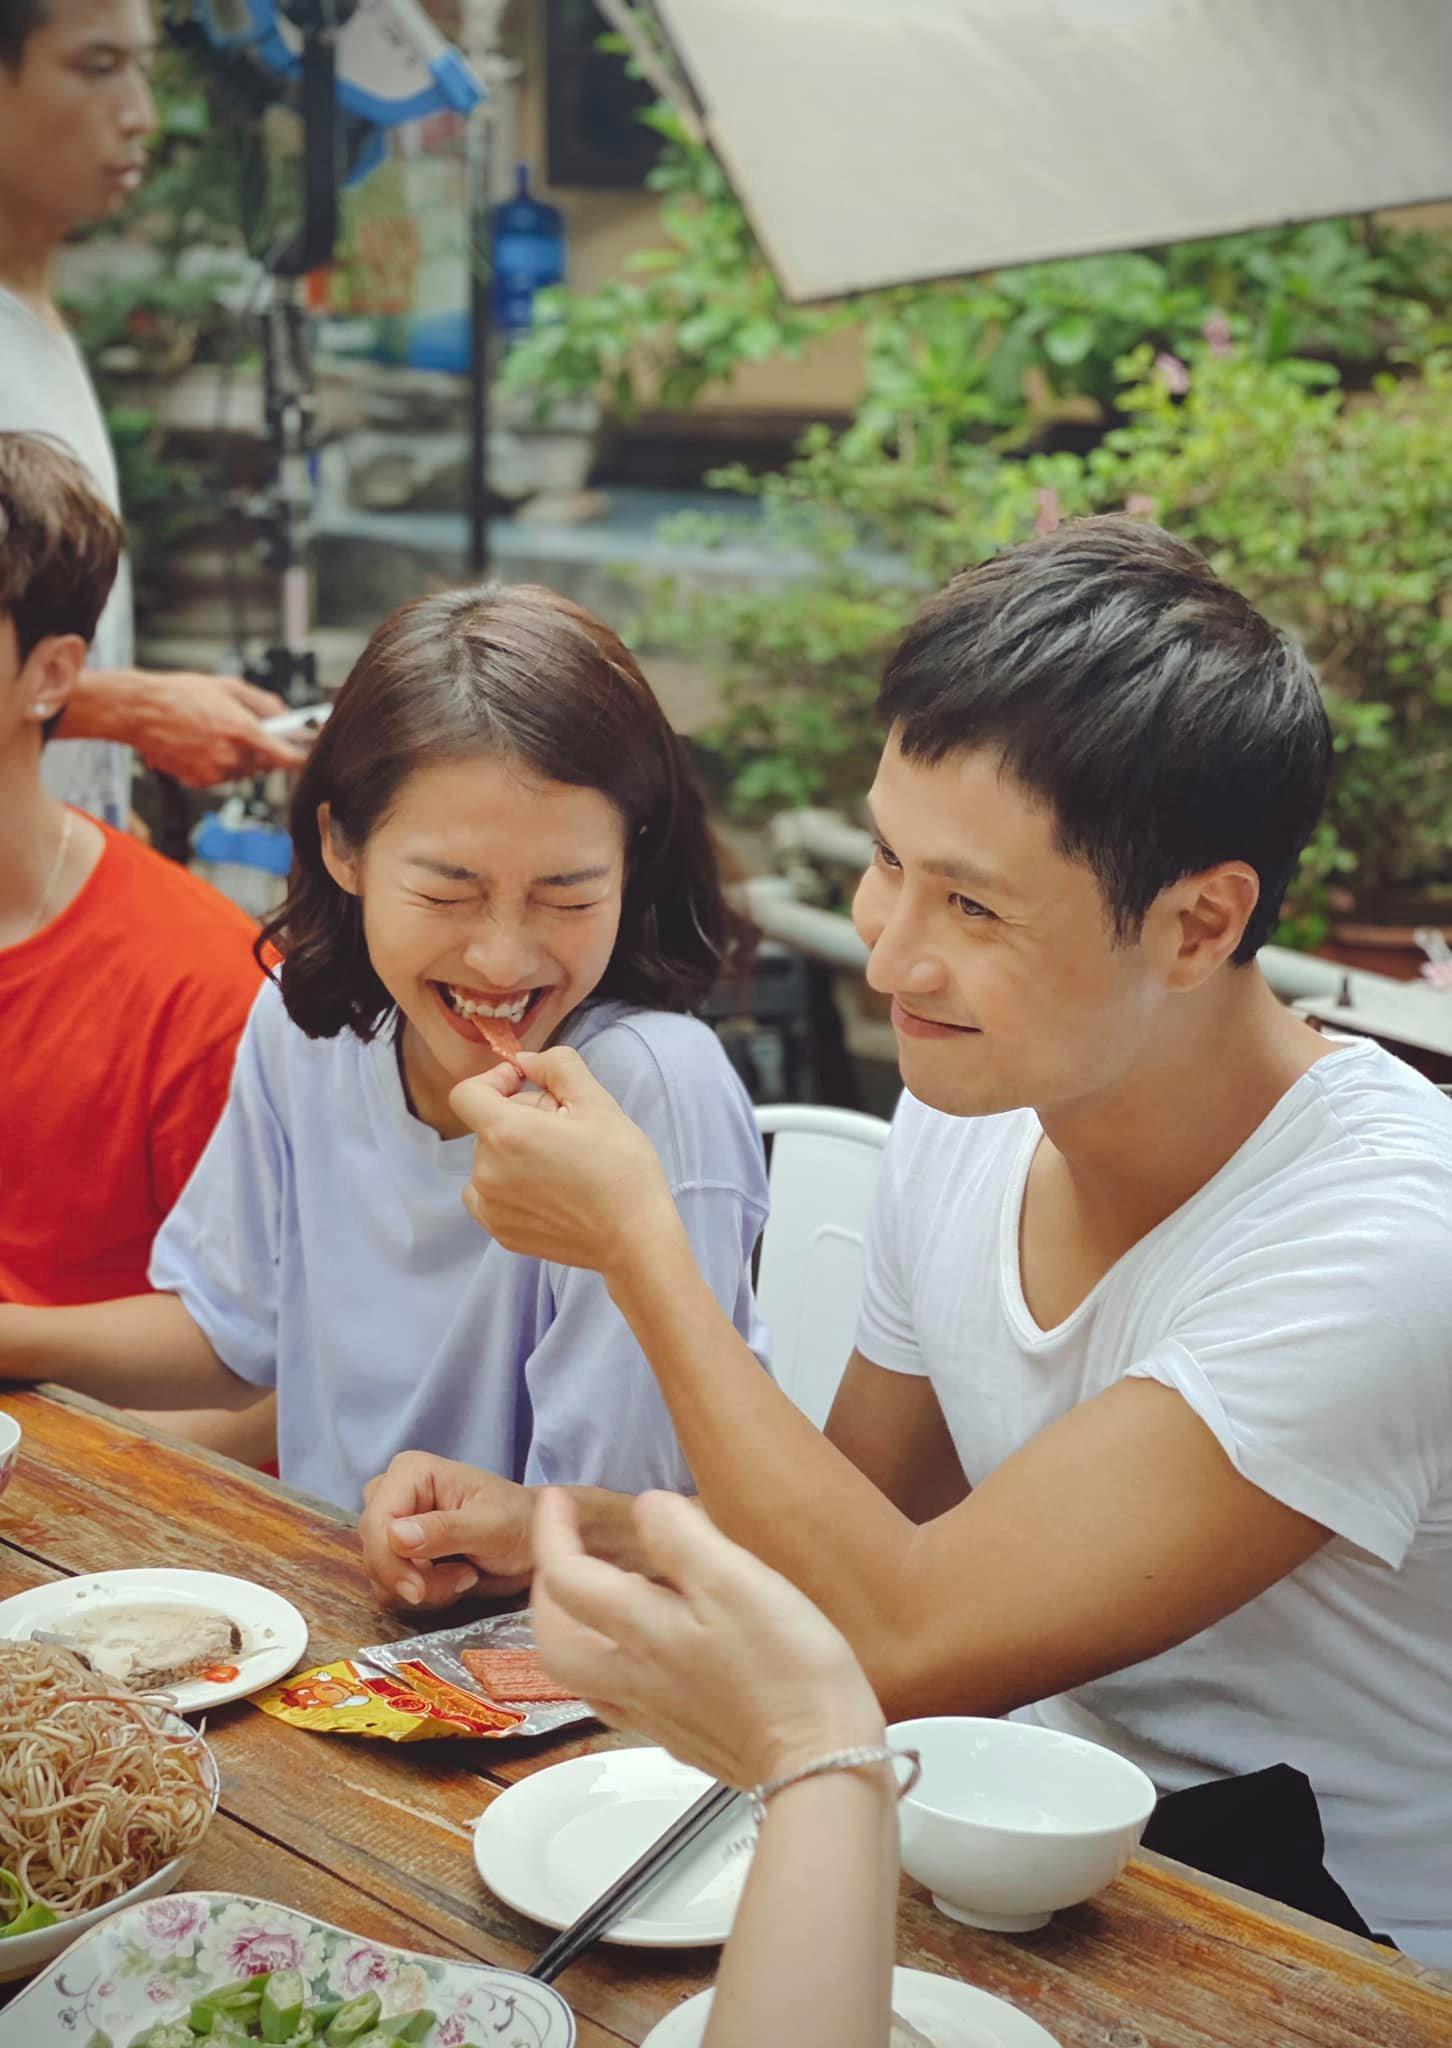 11 tháng 5 ngày: Khả Ngân tình tứ bón cho Thanh Sơn ăn trong hậu trường, bảo sao fan không đẩy thuyền - Ảnh 6.